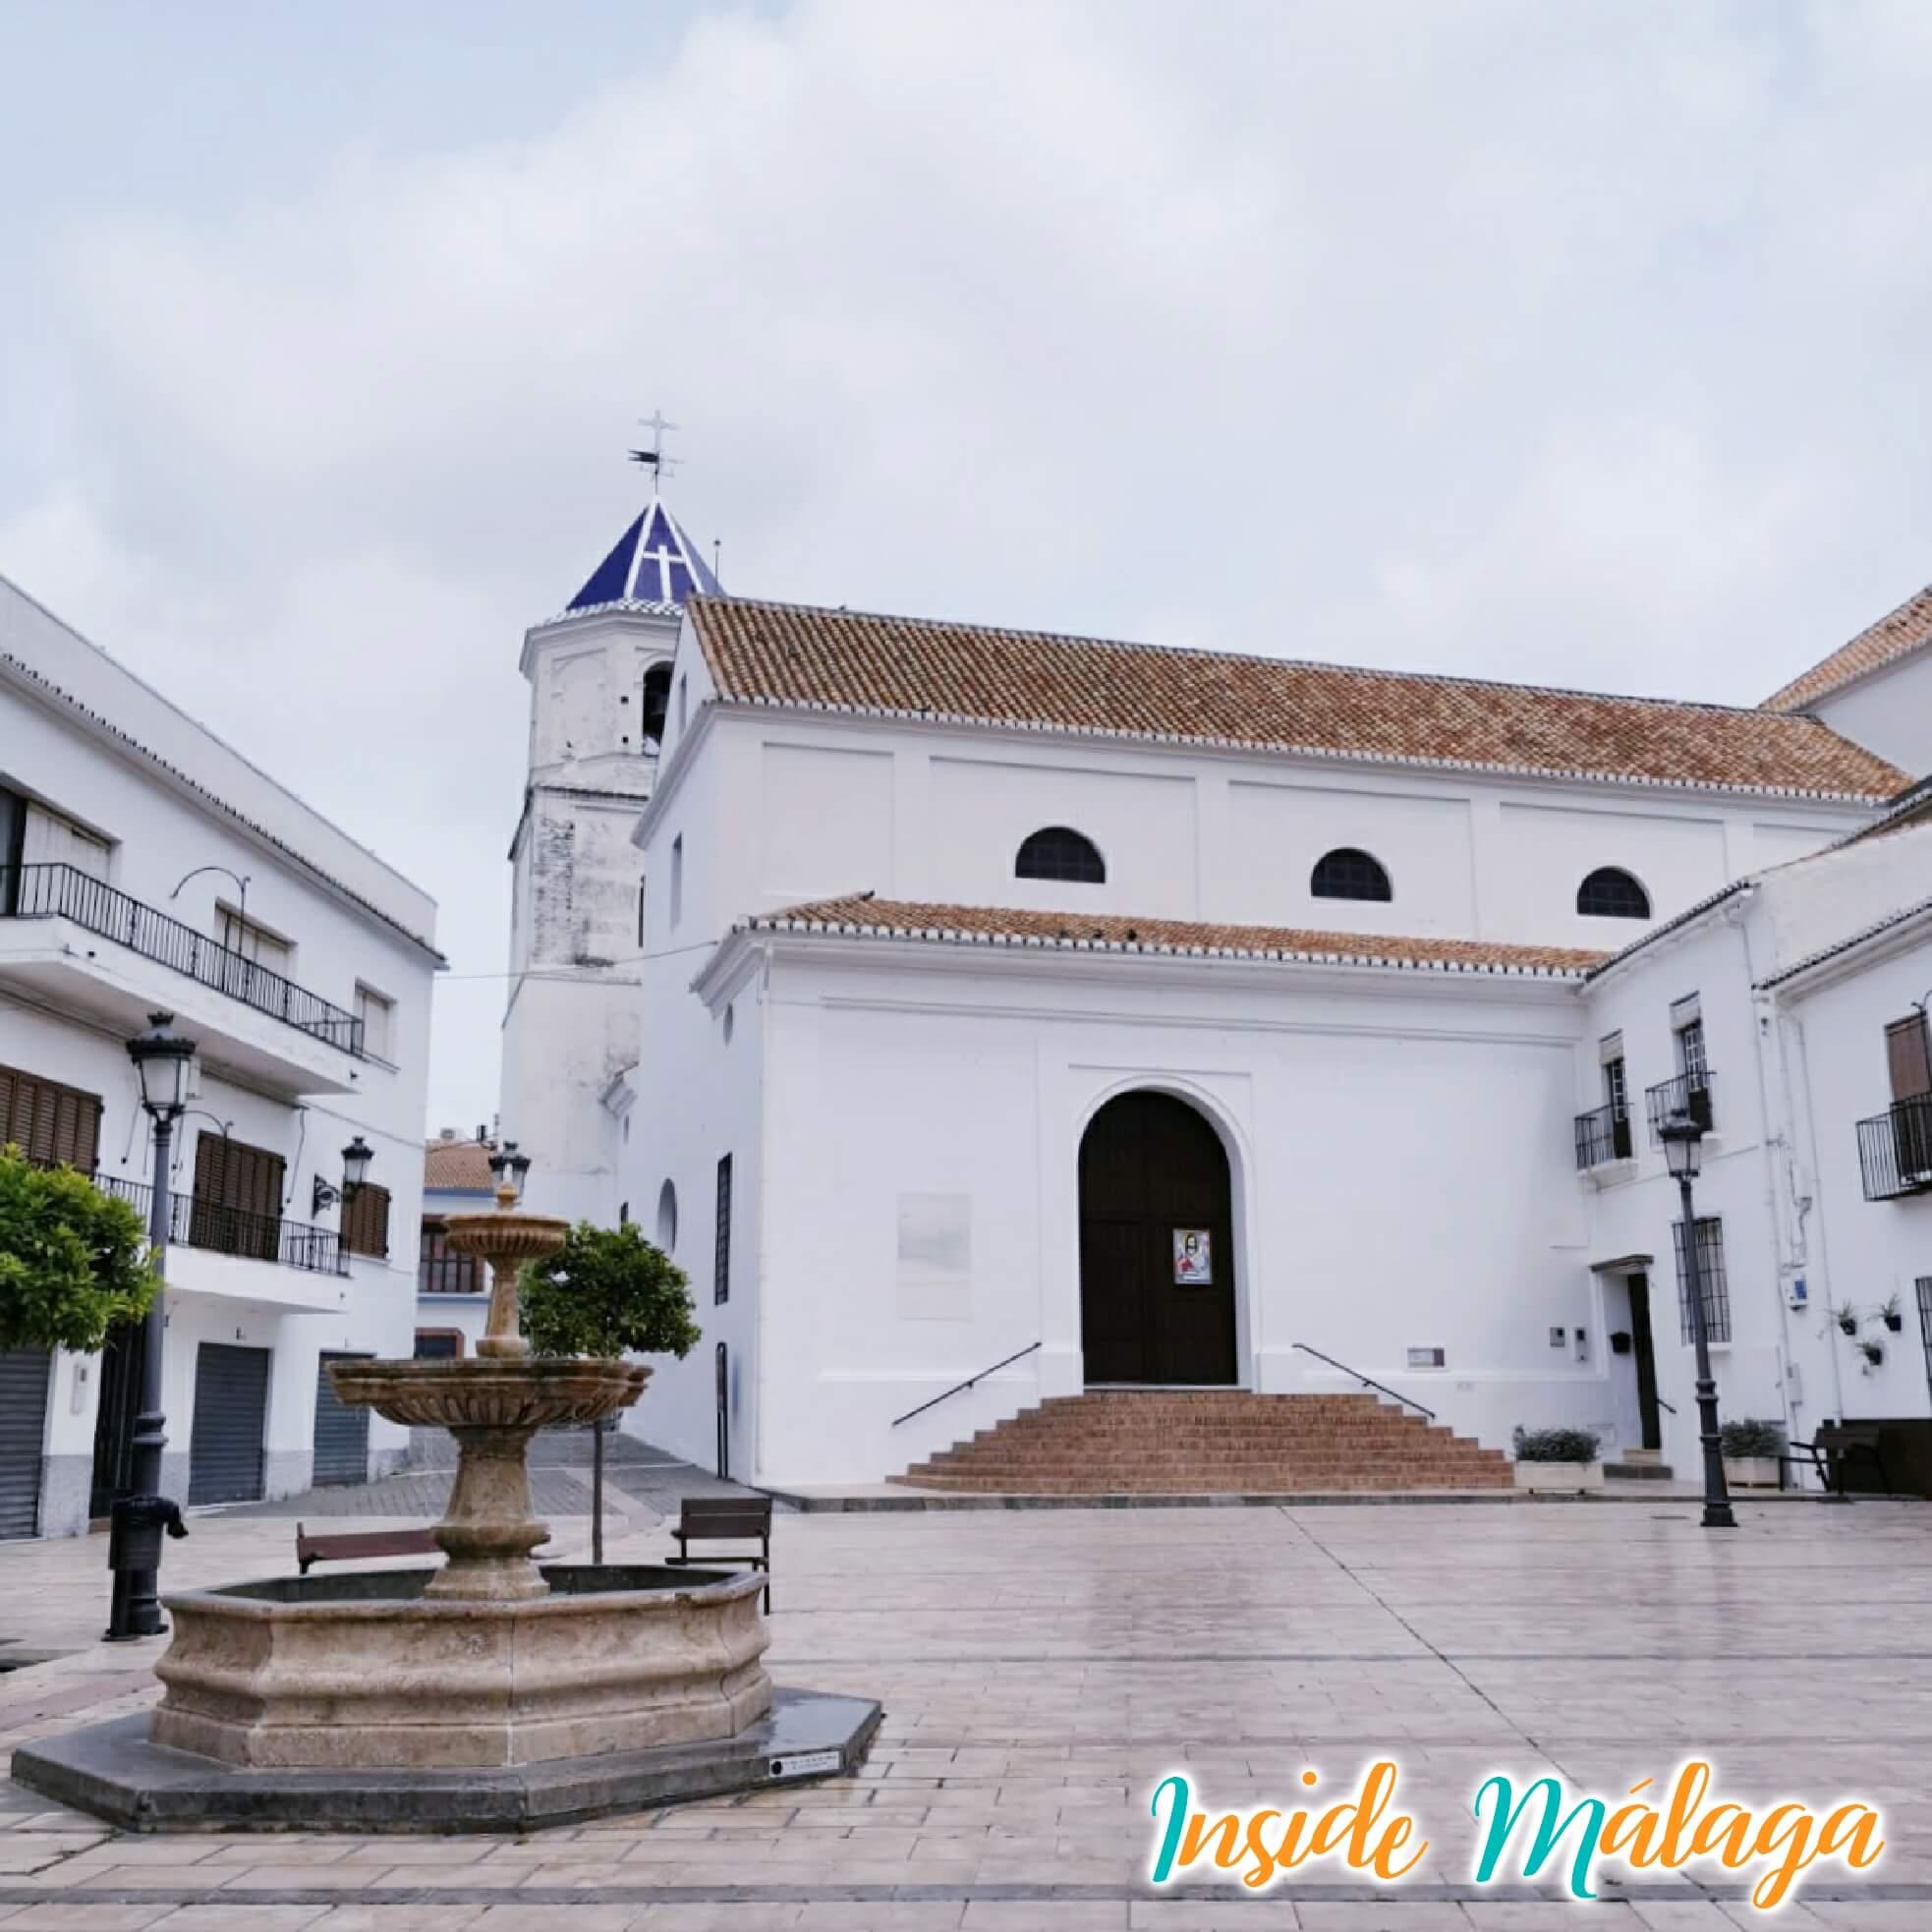 Iglesia de Nuestra Señora de la Encarnación Alhaurin El Grande Malaga